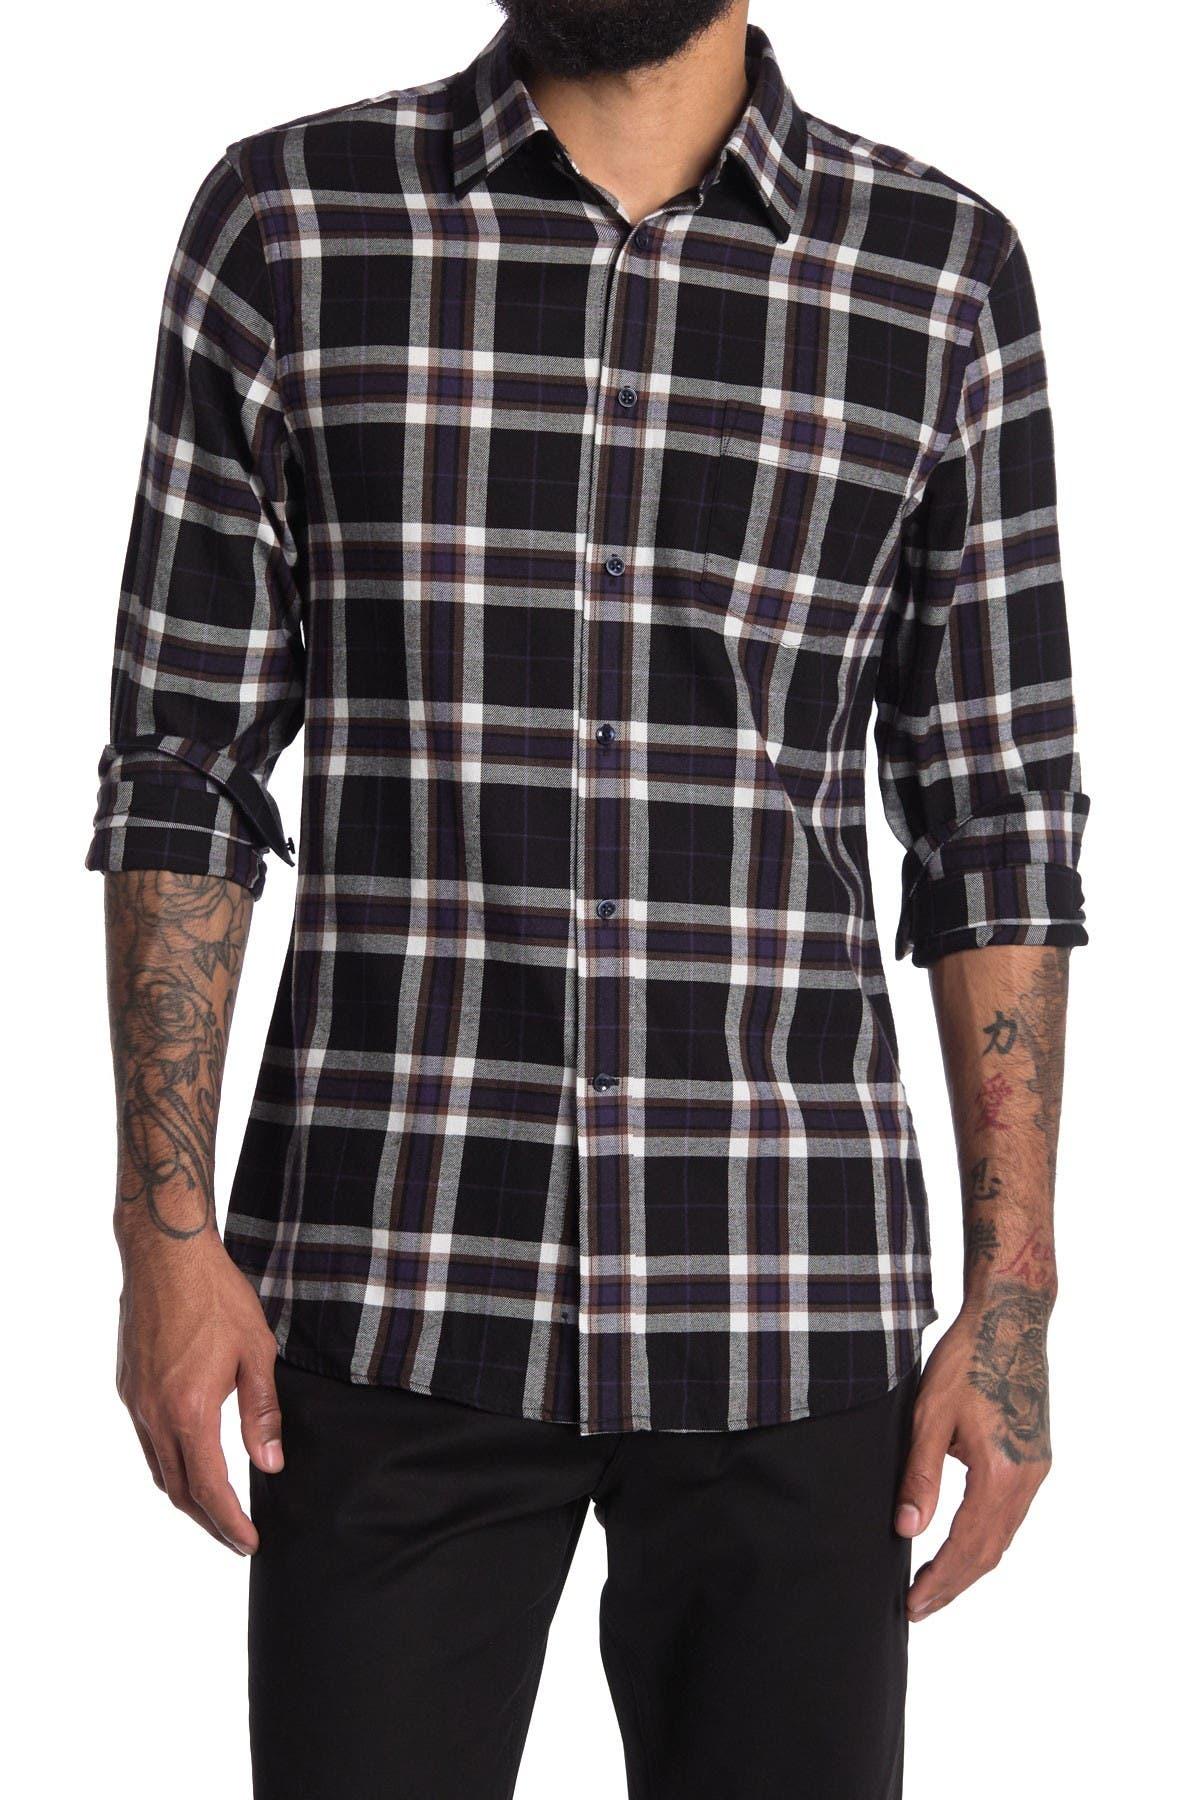 Image of REISS Jasper Long Sleeve Regular Check Shirt